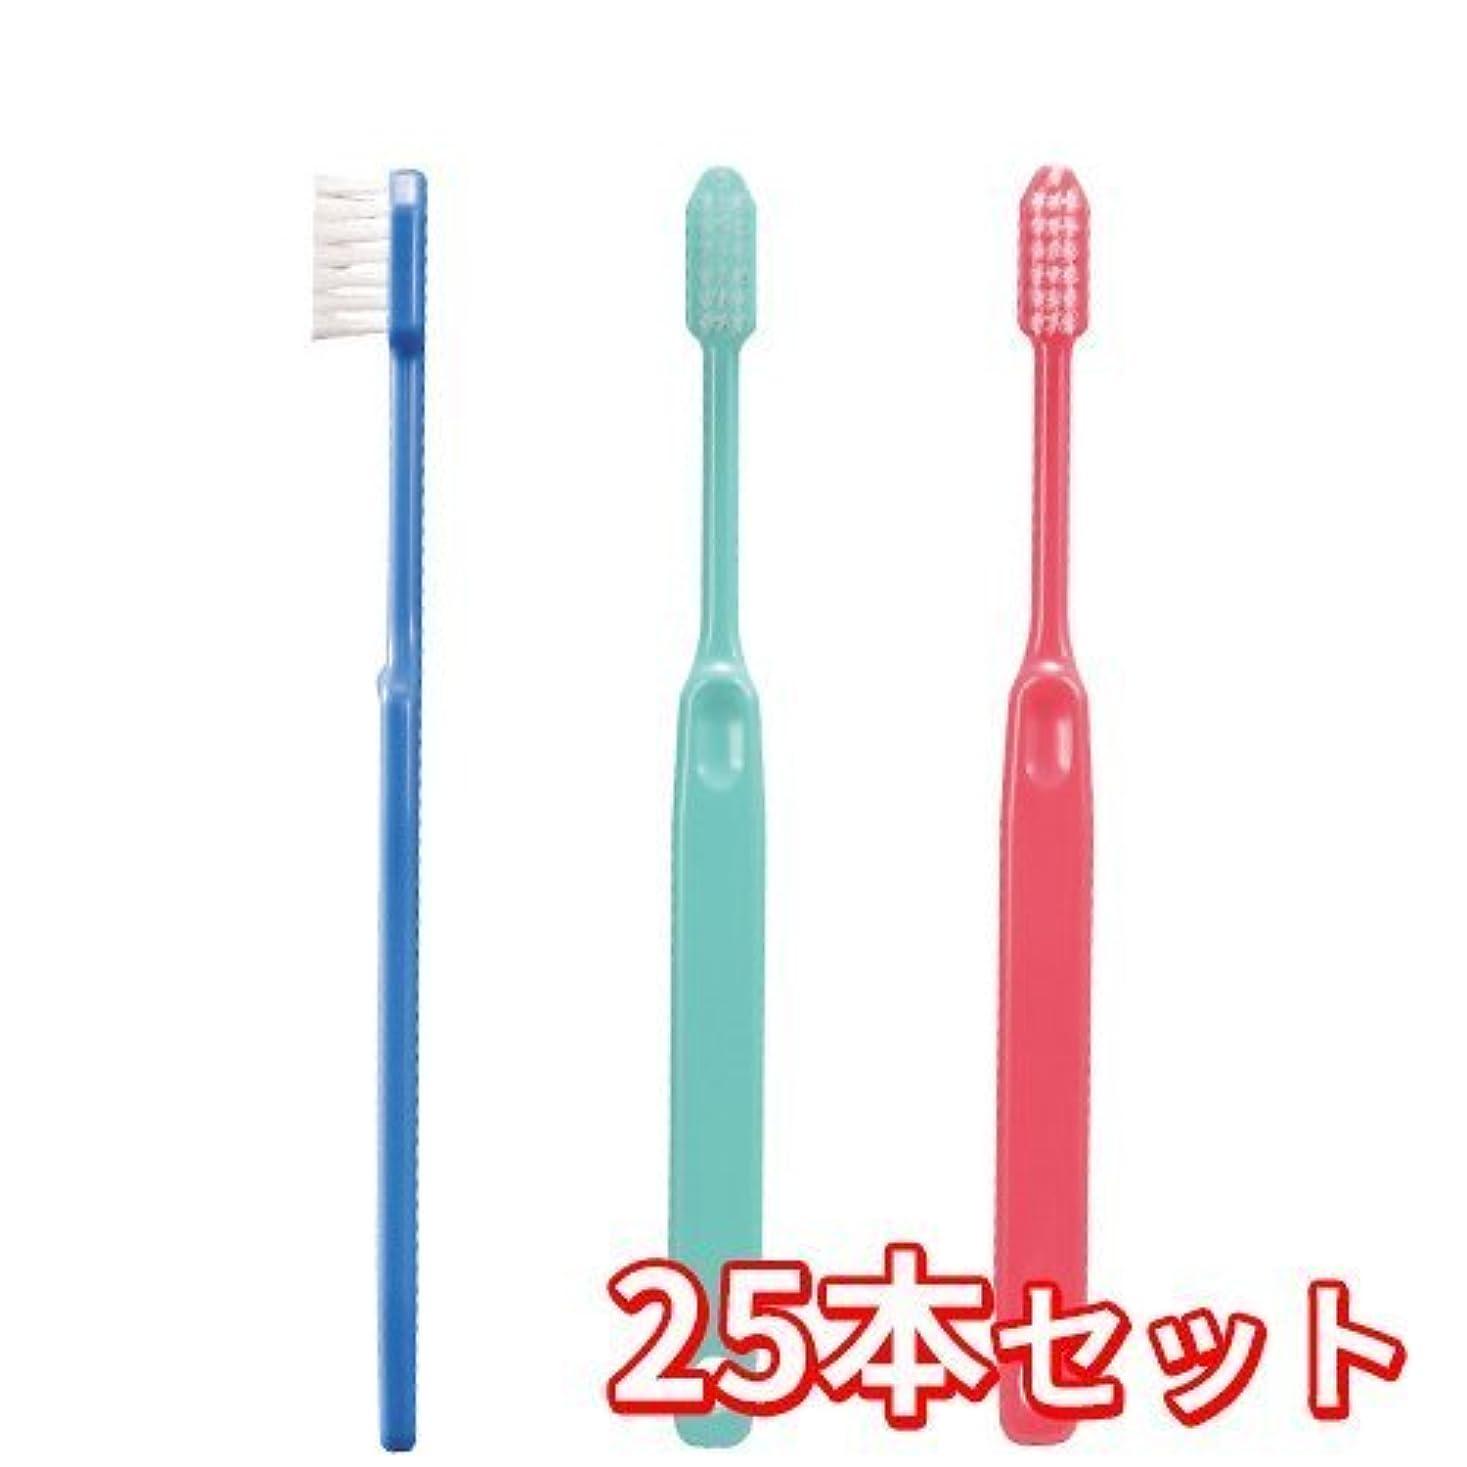 支店民間人デイジーCiメディカル 歯ブラシ コンパクトヘッド 疎毛タイプ アソート 25本 (Ci25(やわらかめ))